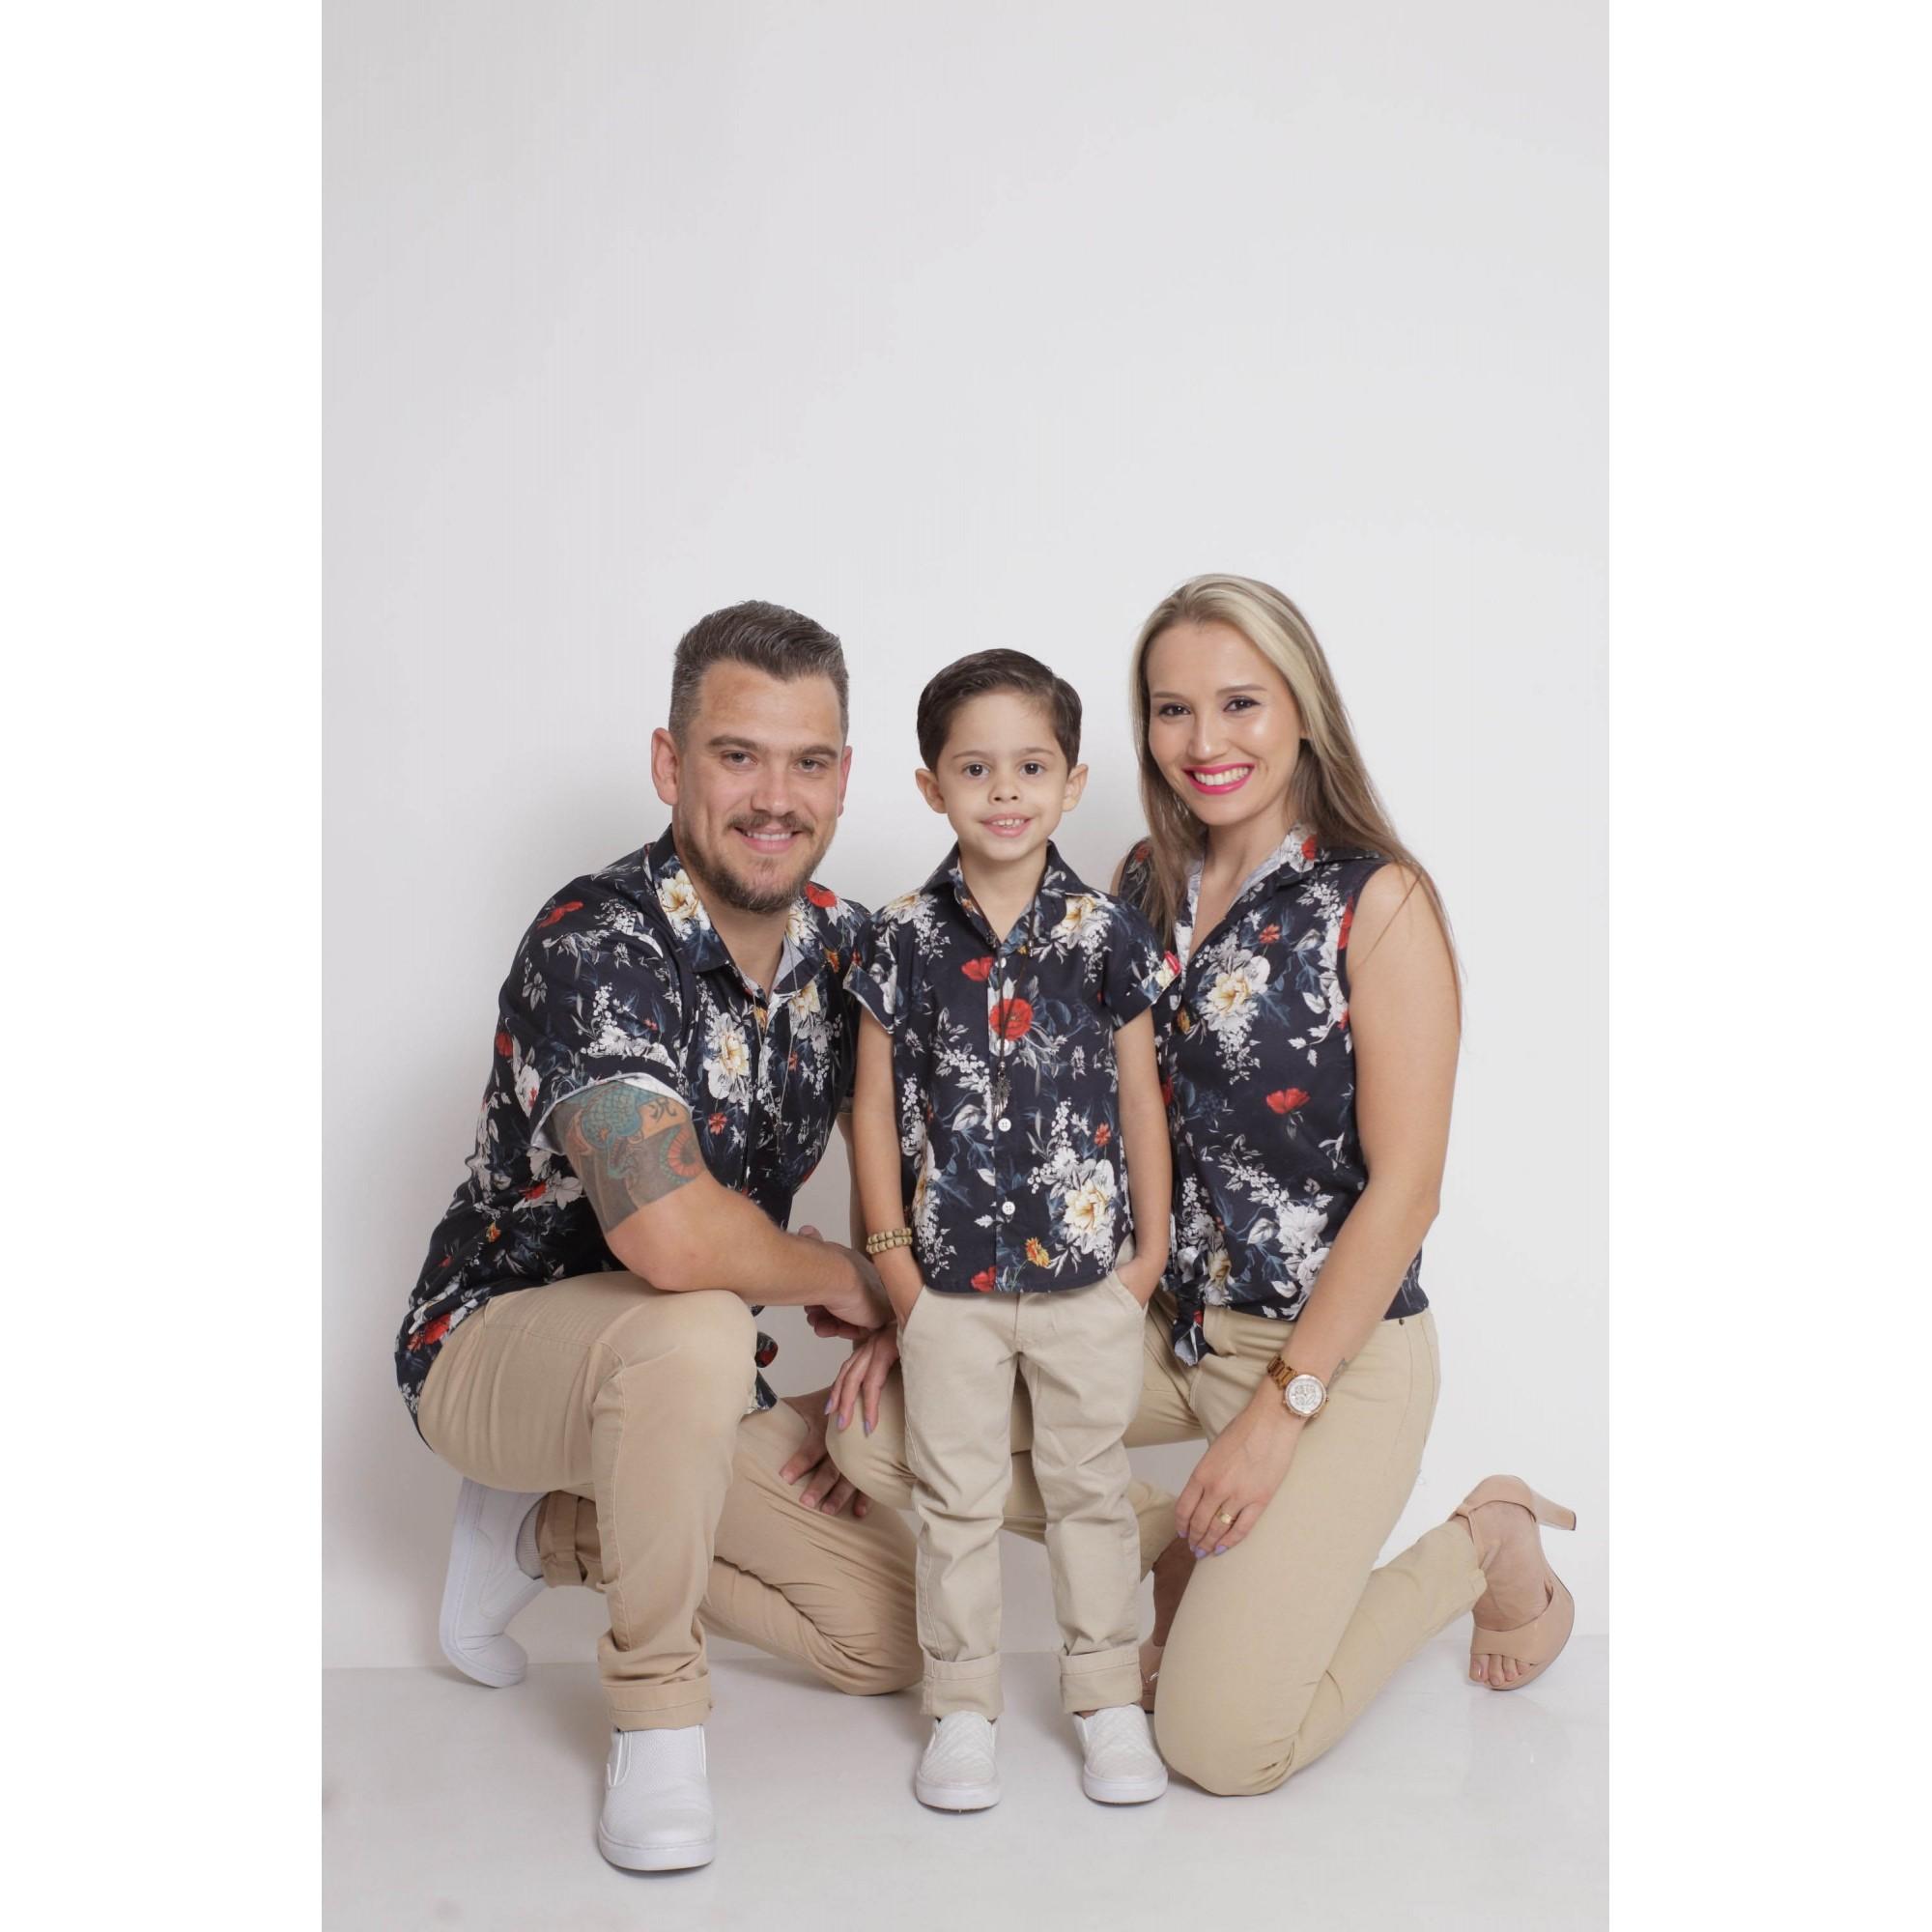 PAIS E FILHOS > Kit 3 peças Camisas Social Preta Floral [Coleção Família]  - Heitor Fashion Brazil